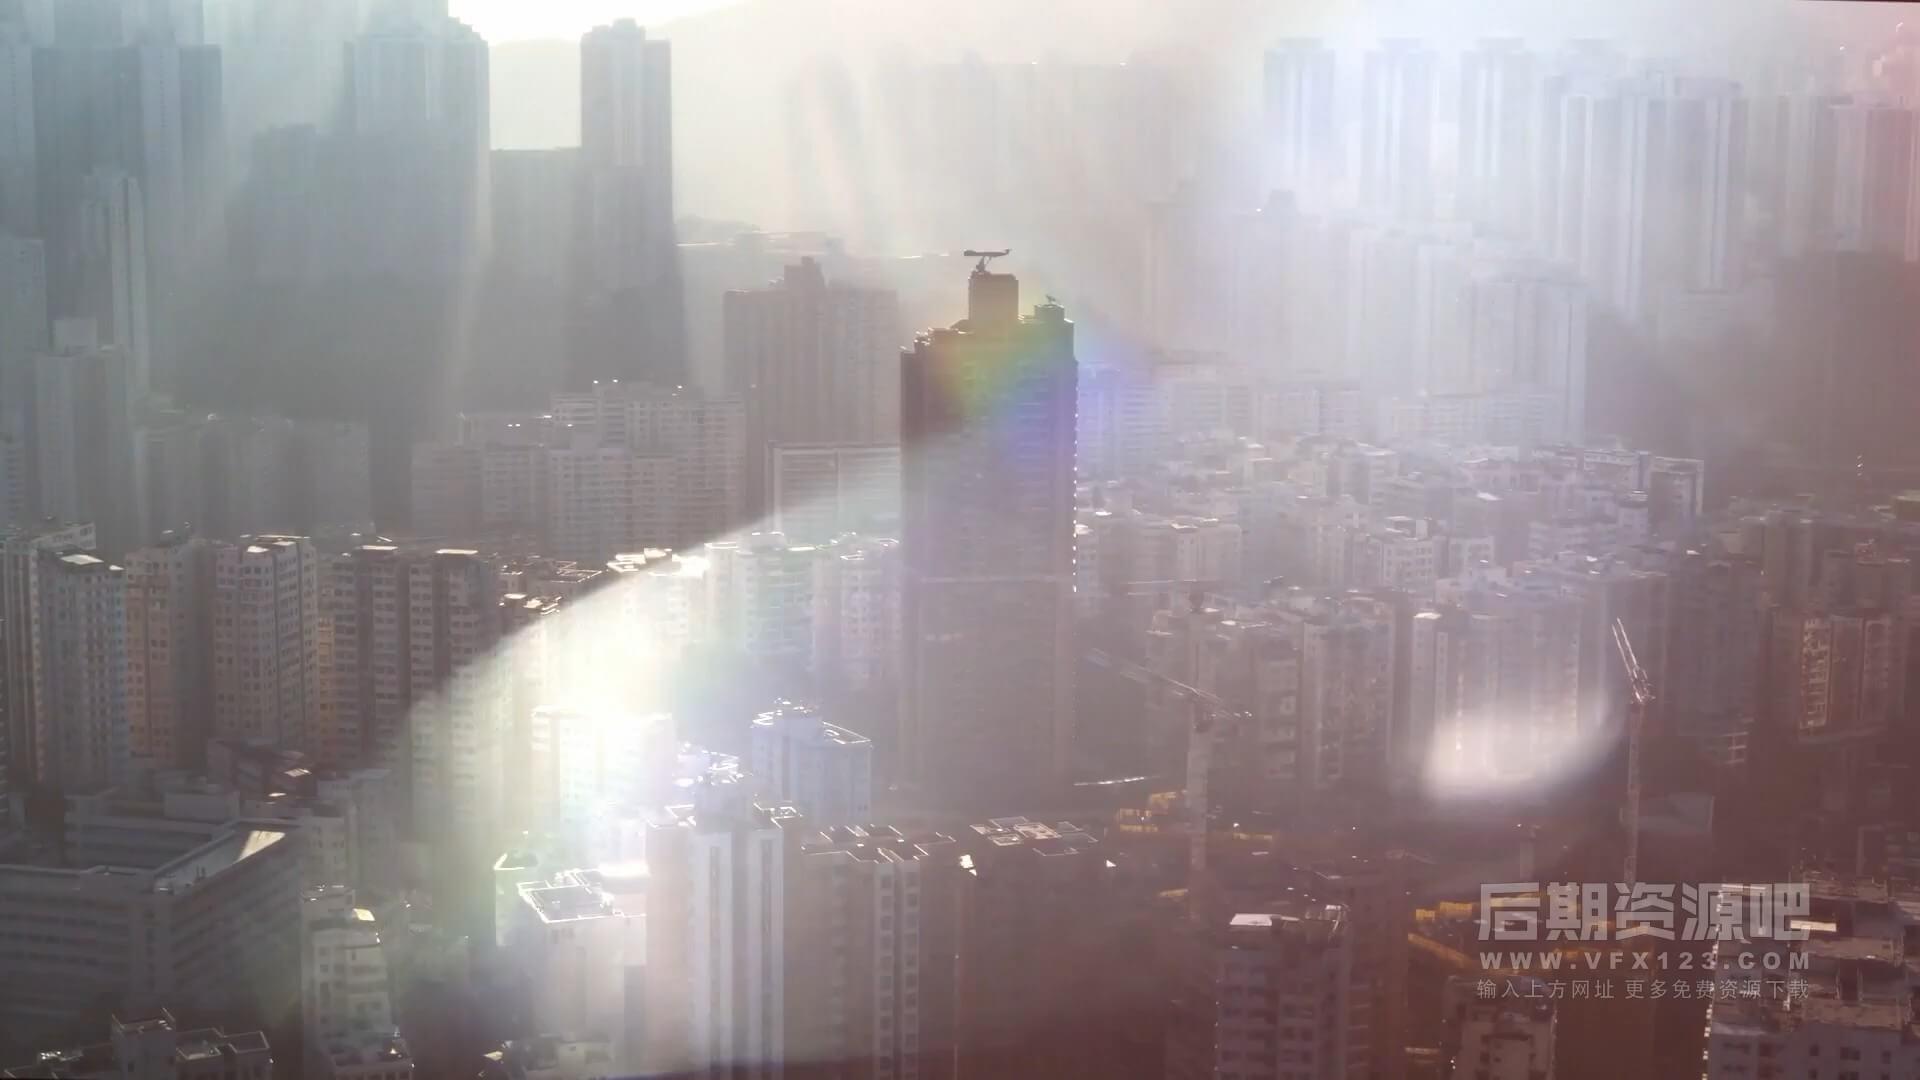 视频素材 31个4K高质量镜头炫光光斑特效合成素材 CinePacks Lens FX 2